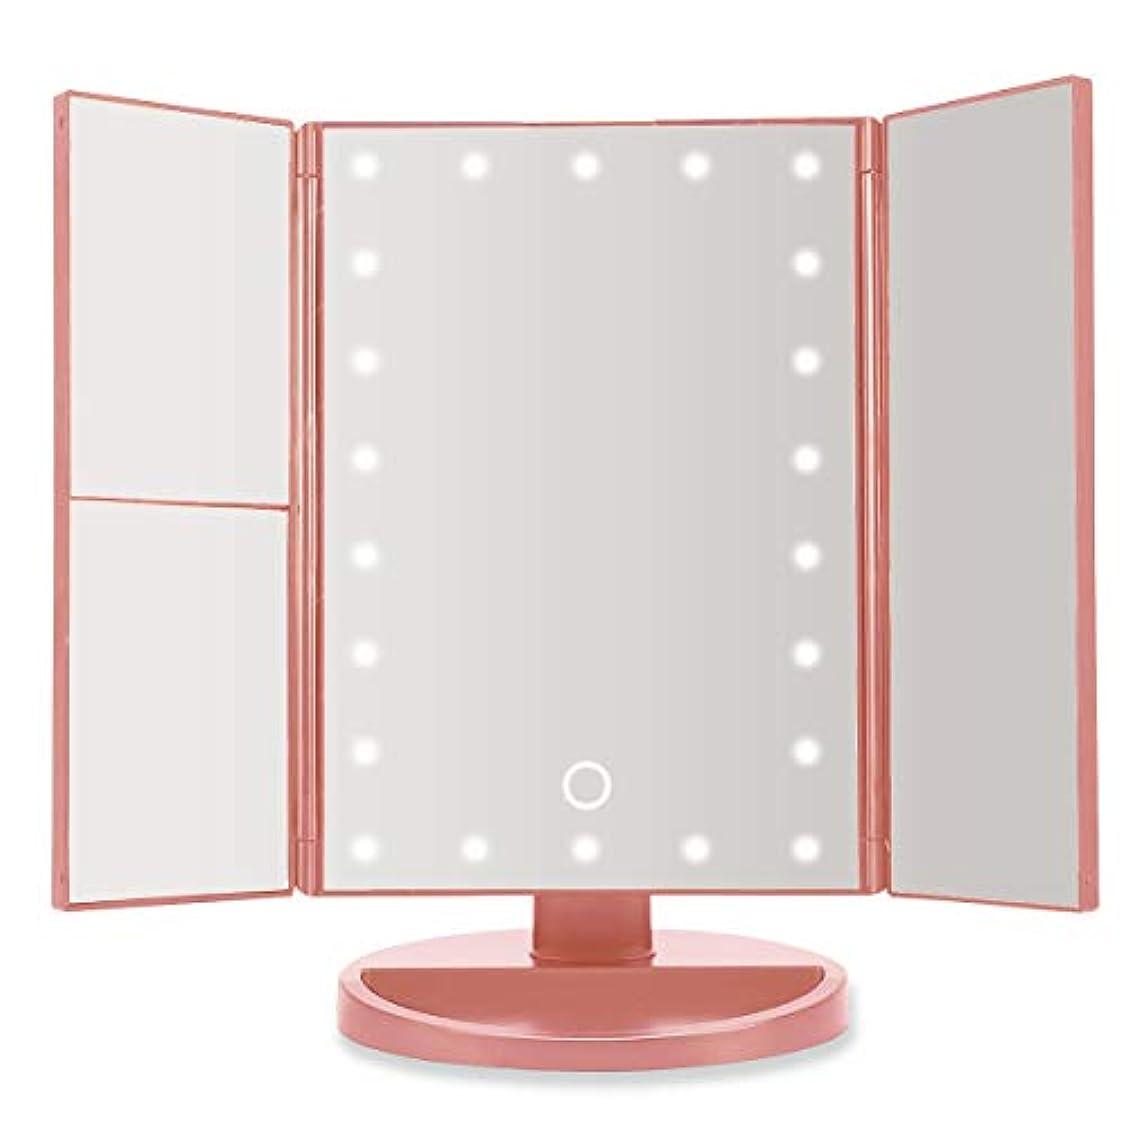 トンネルグローバルオート22LED付き3面鏡卓上女優ミラー ピンク